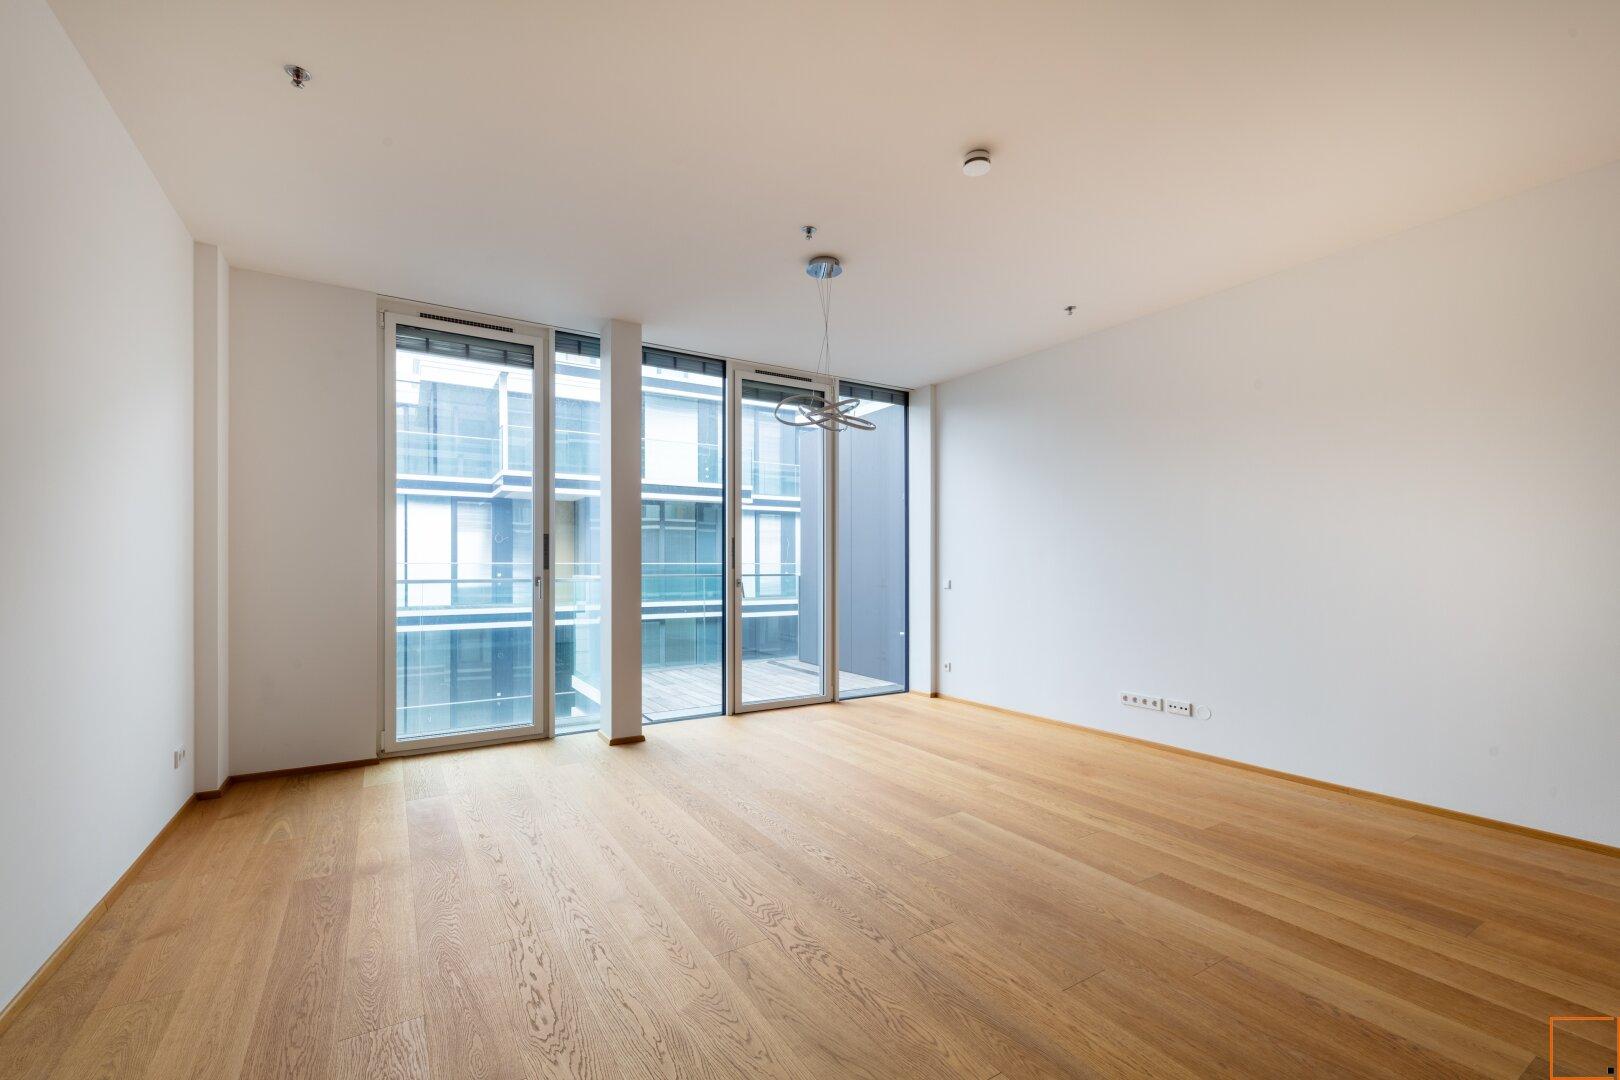 Wohnzimmer 32 m² mit Balkon ca. 6,77 m²